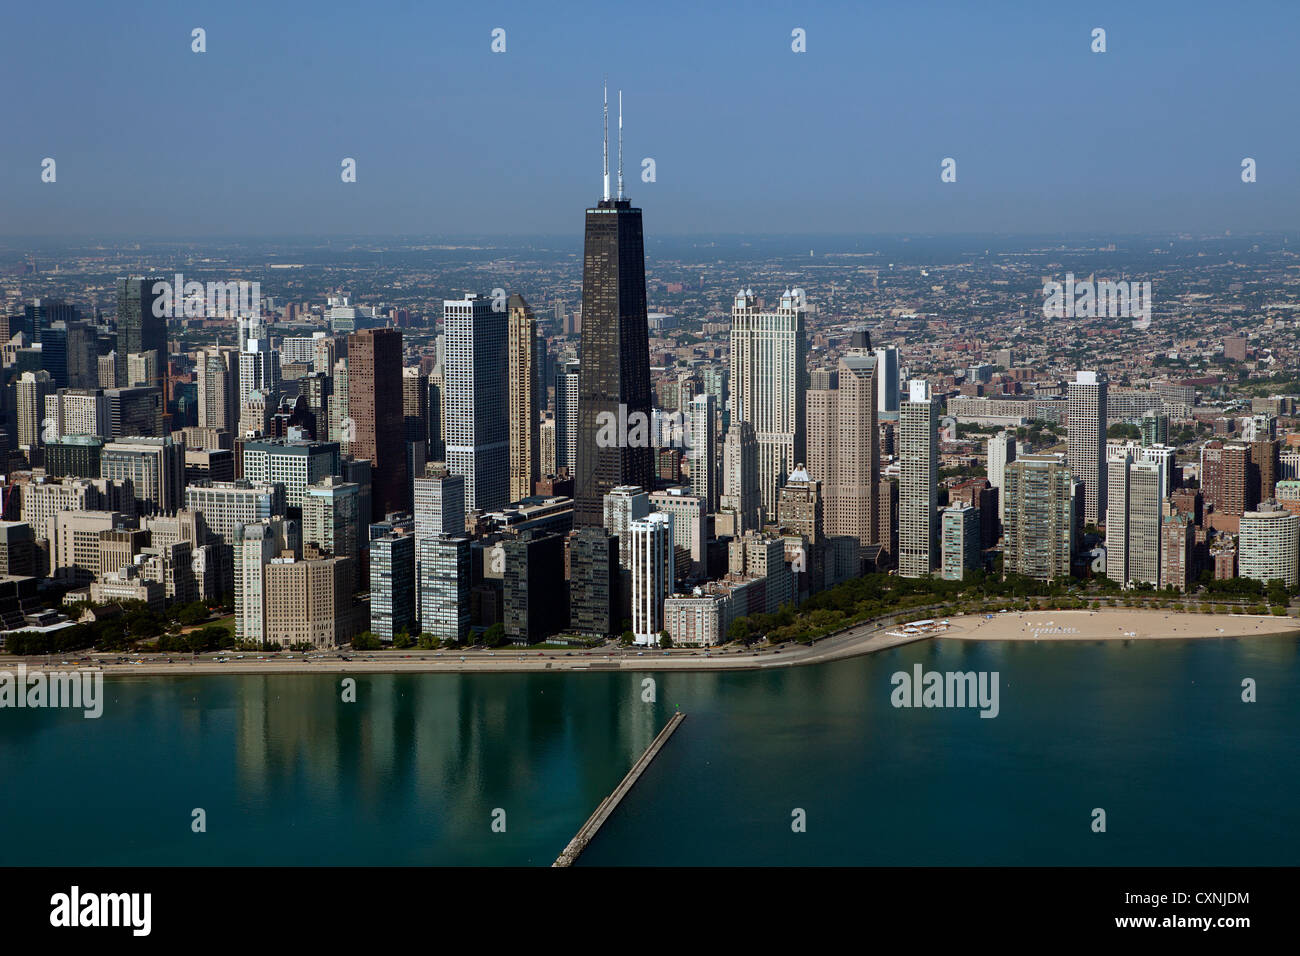 Fotografia aerea del centro di Chicago, Illinois Immagini Stock